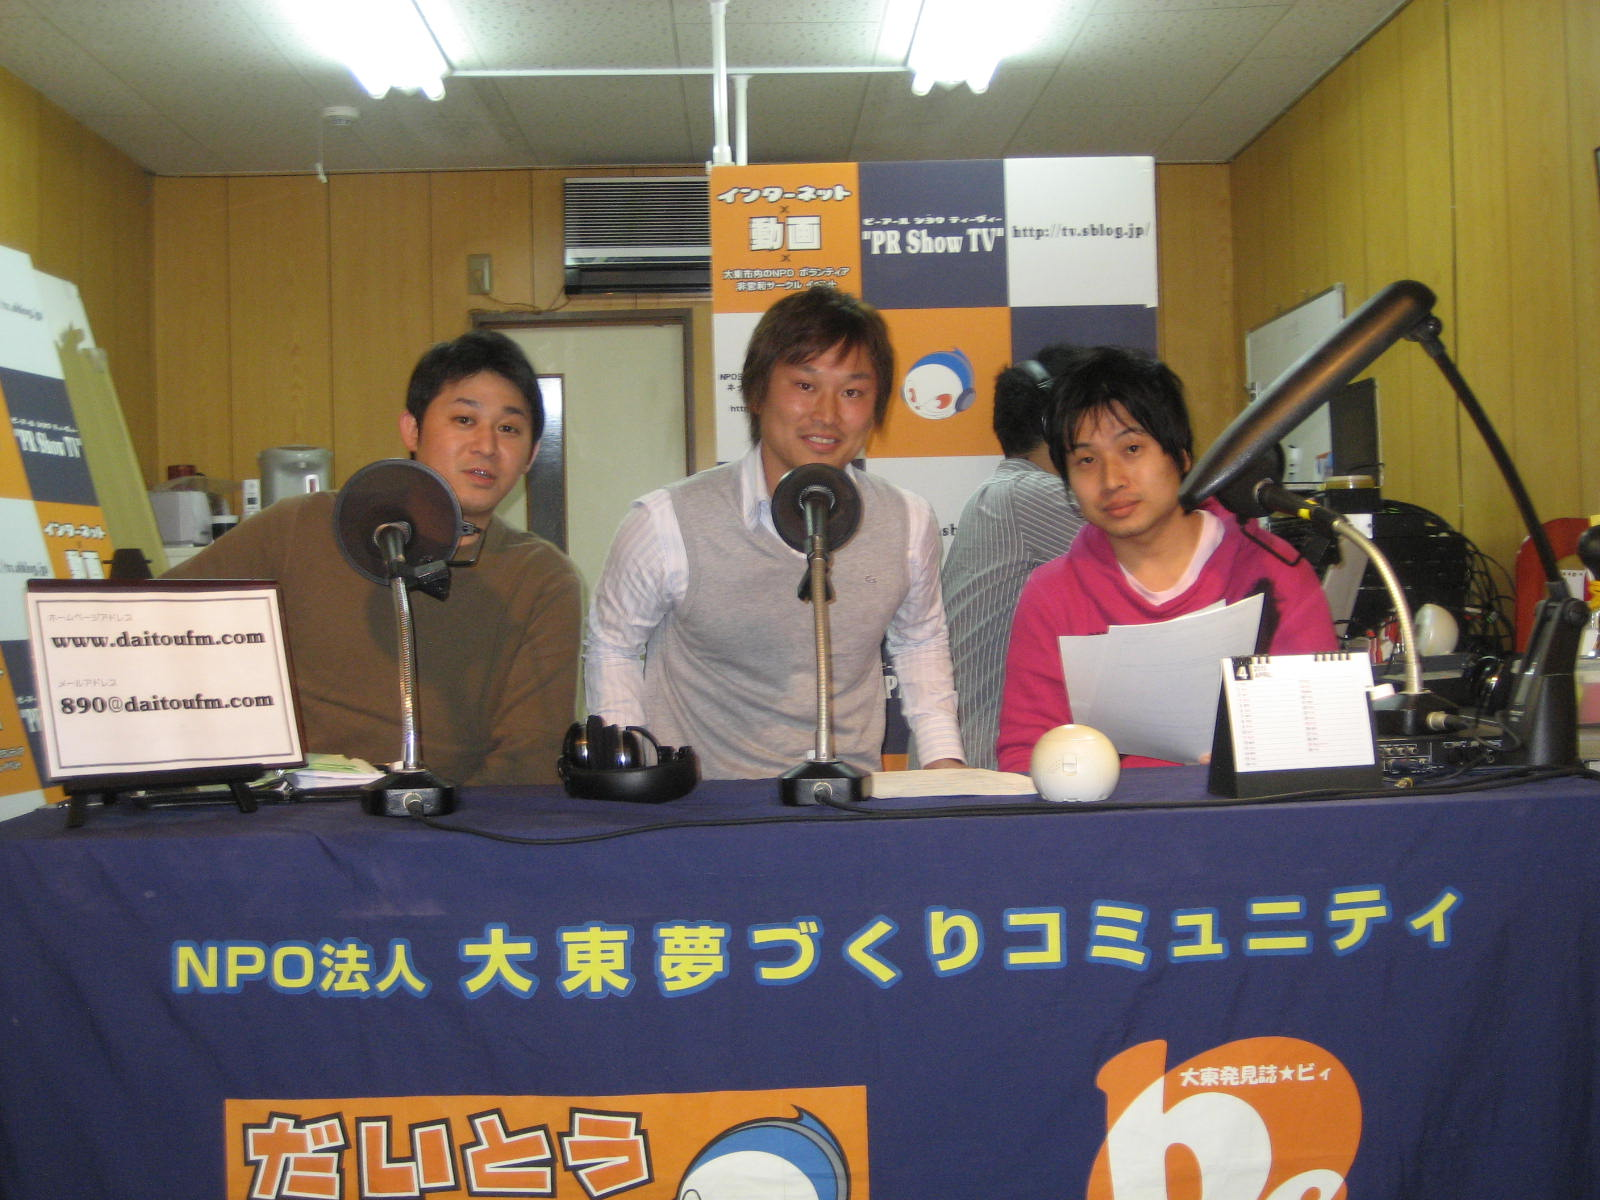 だいとうFM | 不妊|漢方|鍼灸|大阪|卵子の質改善|不妊専門の三ツ川レディース漢方鍼灸院